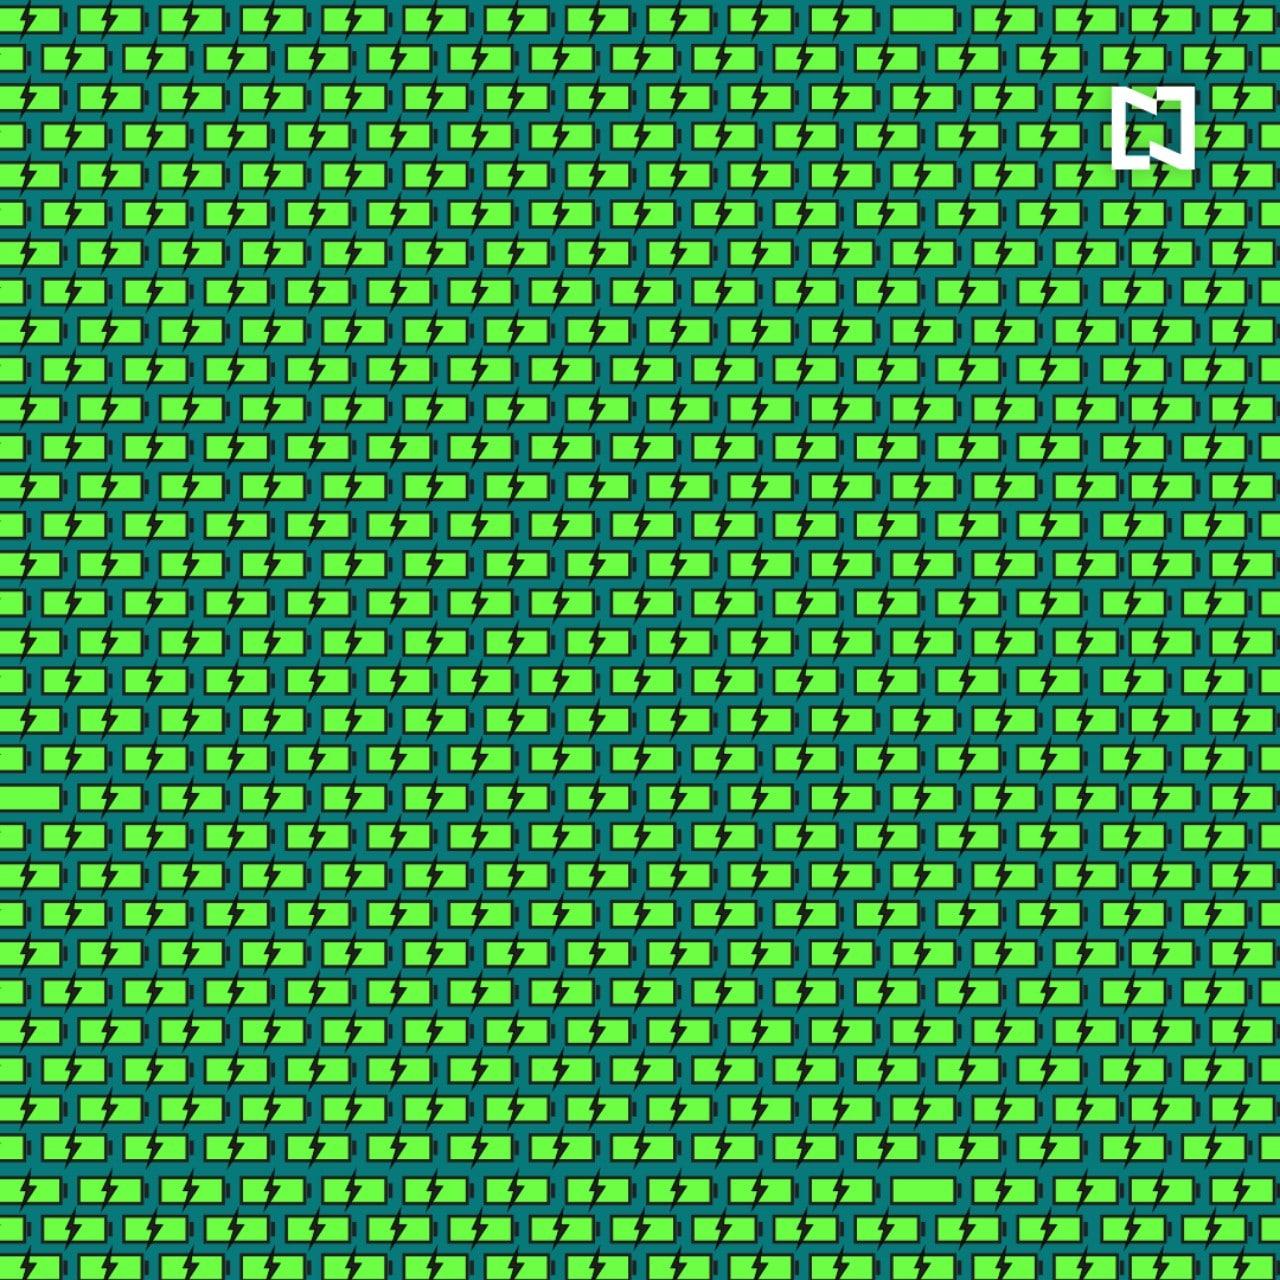 Viral: reto visual, encuentra las baterías que no cargan